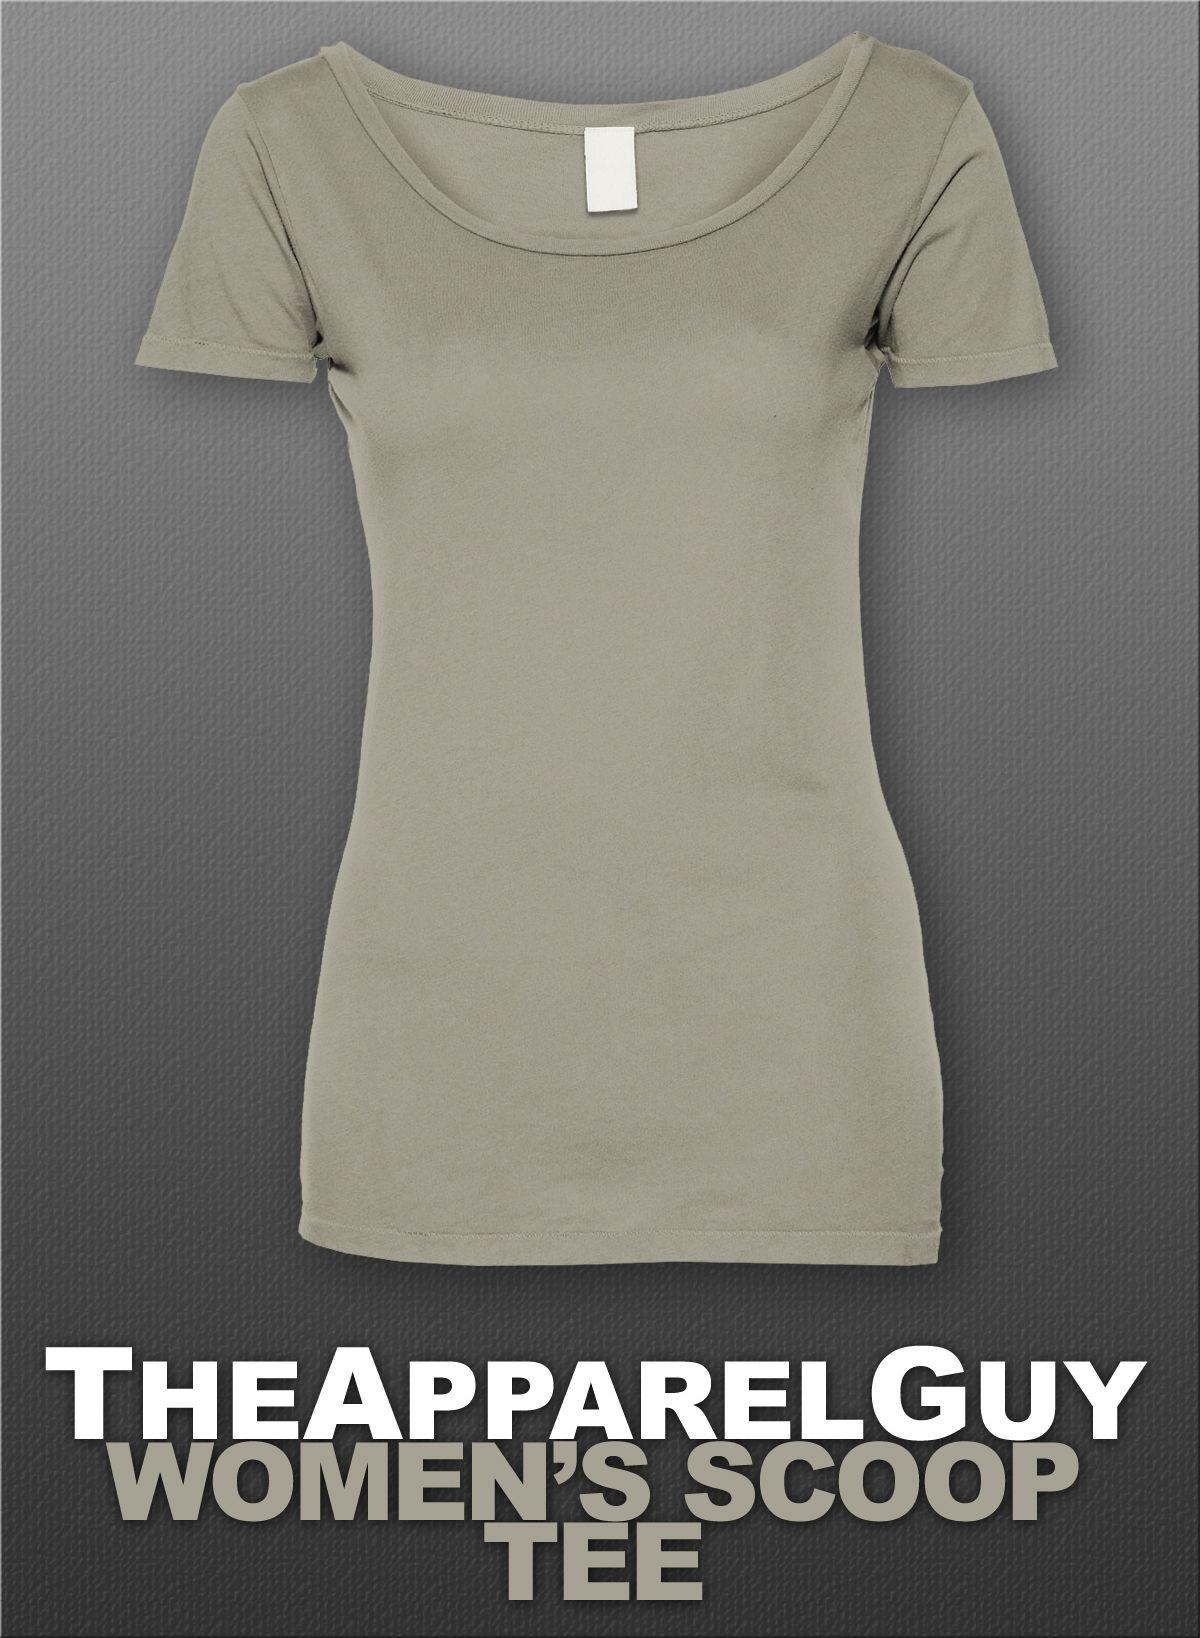 100+ Tshirt Templates, Vectors & PSD Mockups [Free